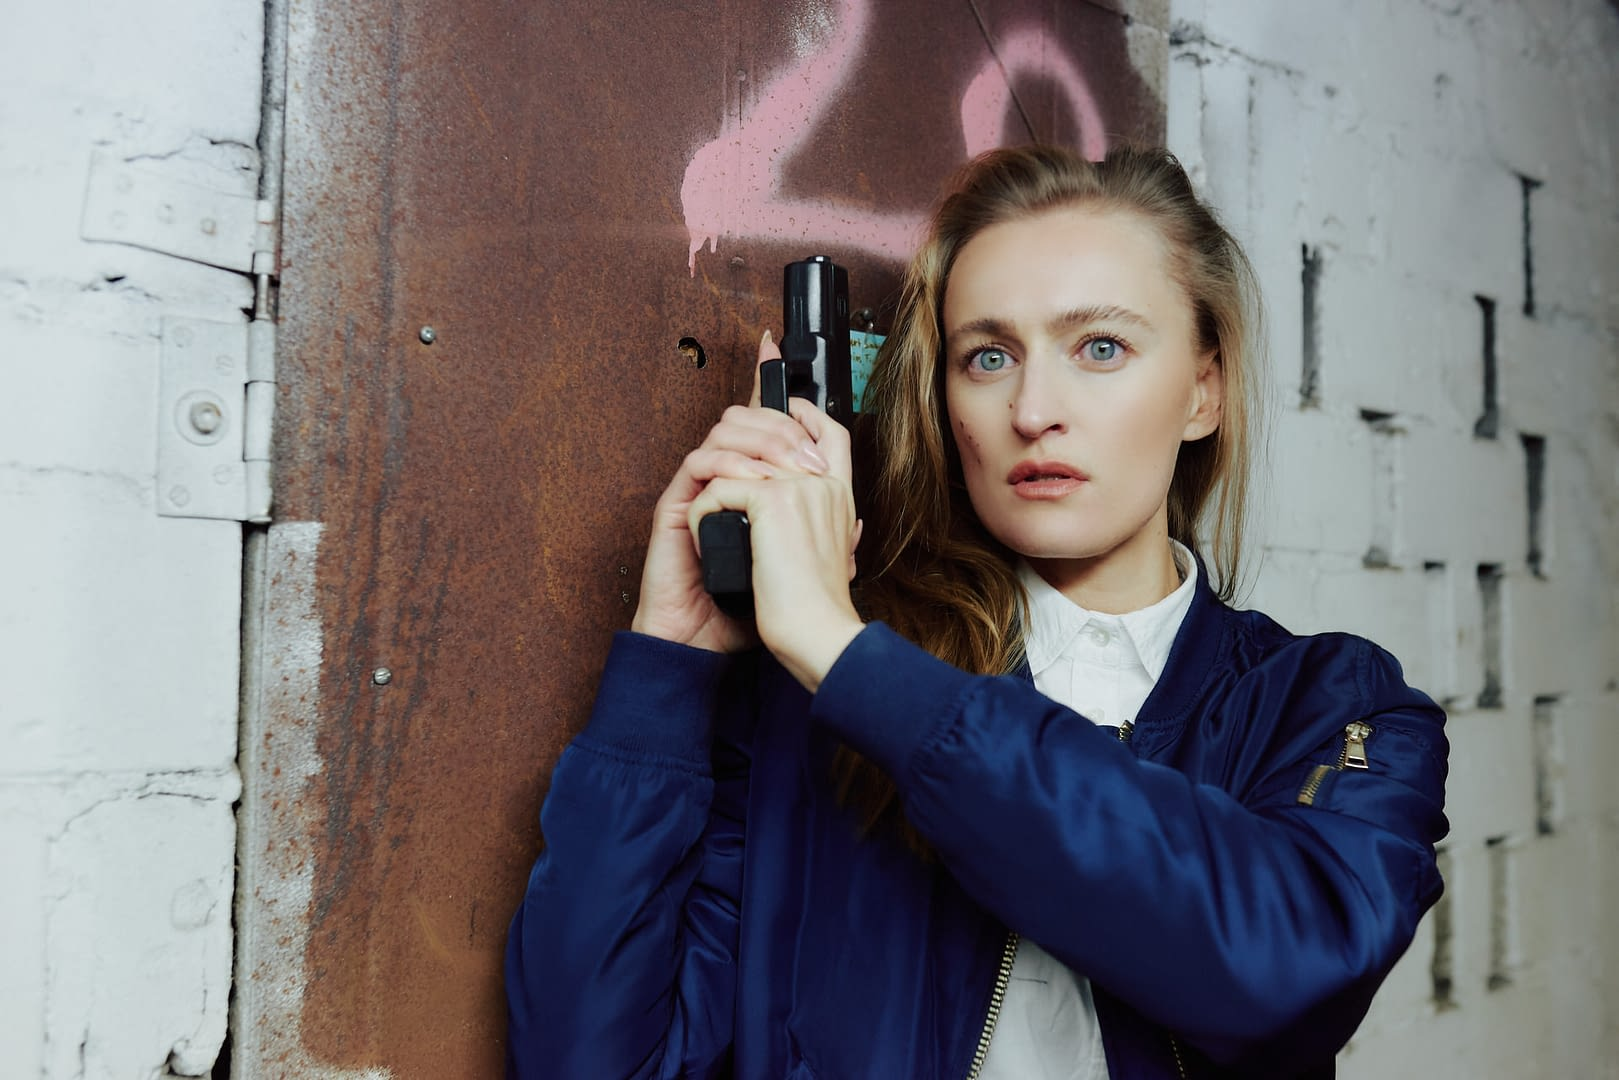 Schauspieler Fotos: Kristina Neuwert als Action Protagonistin